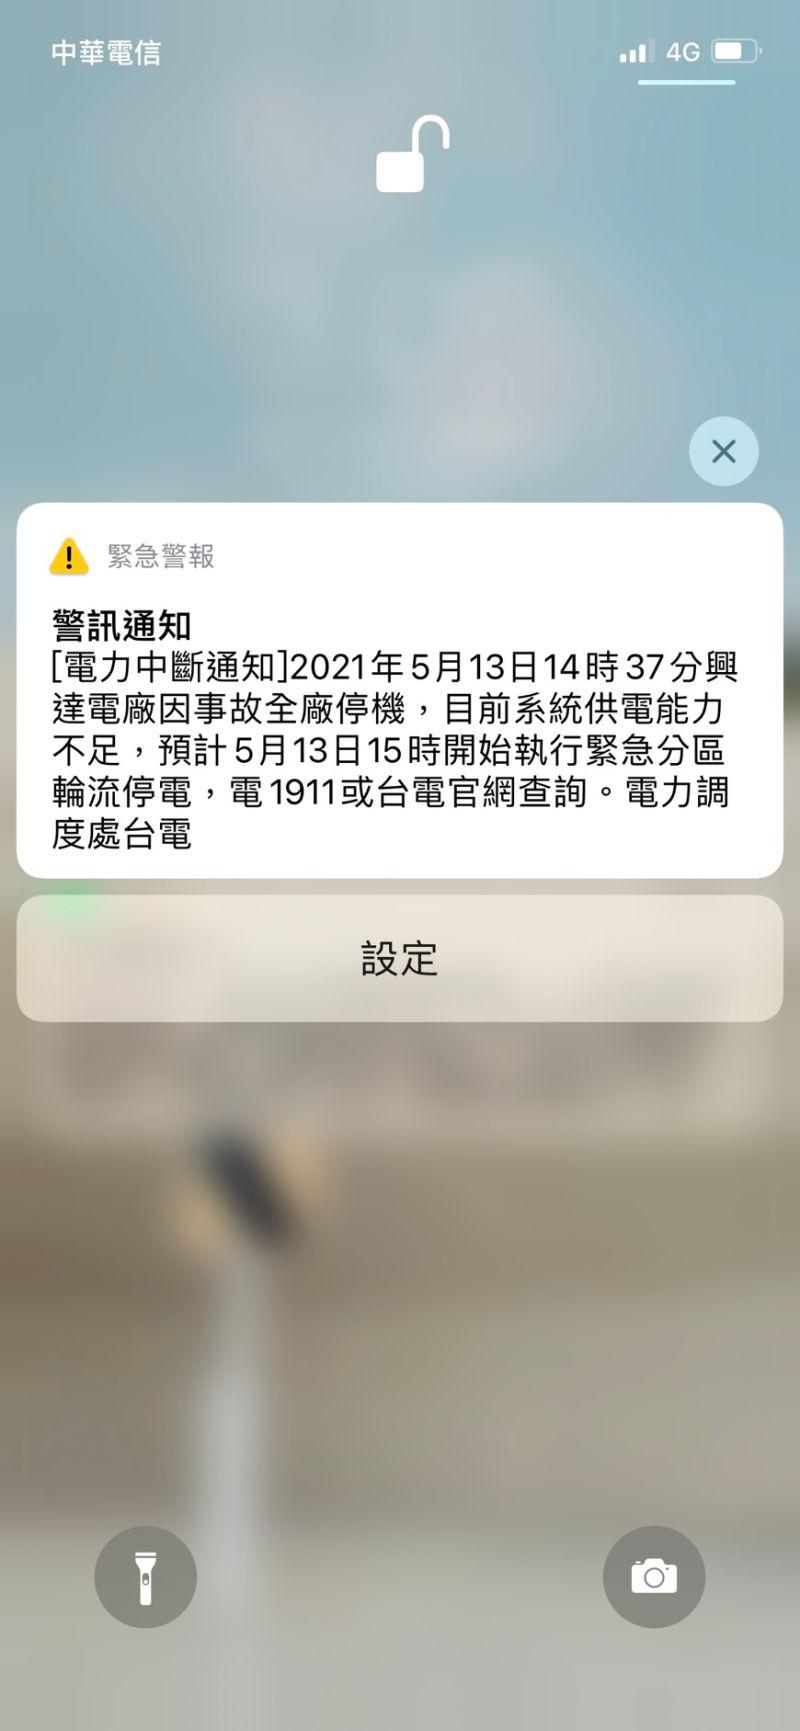 全台分區停電 聯電:南科廠壓降不影響生產